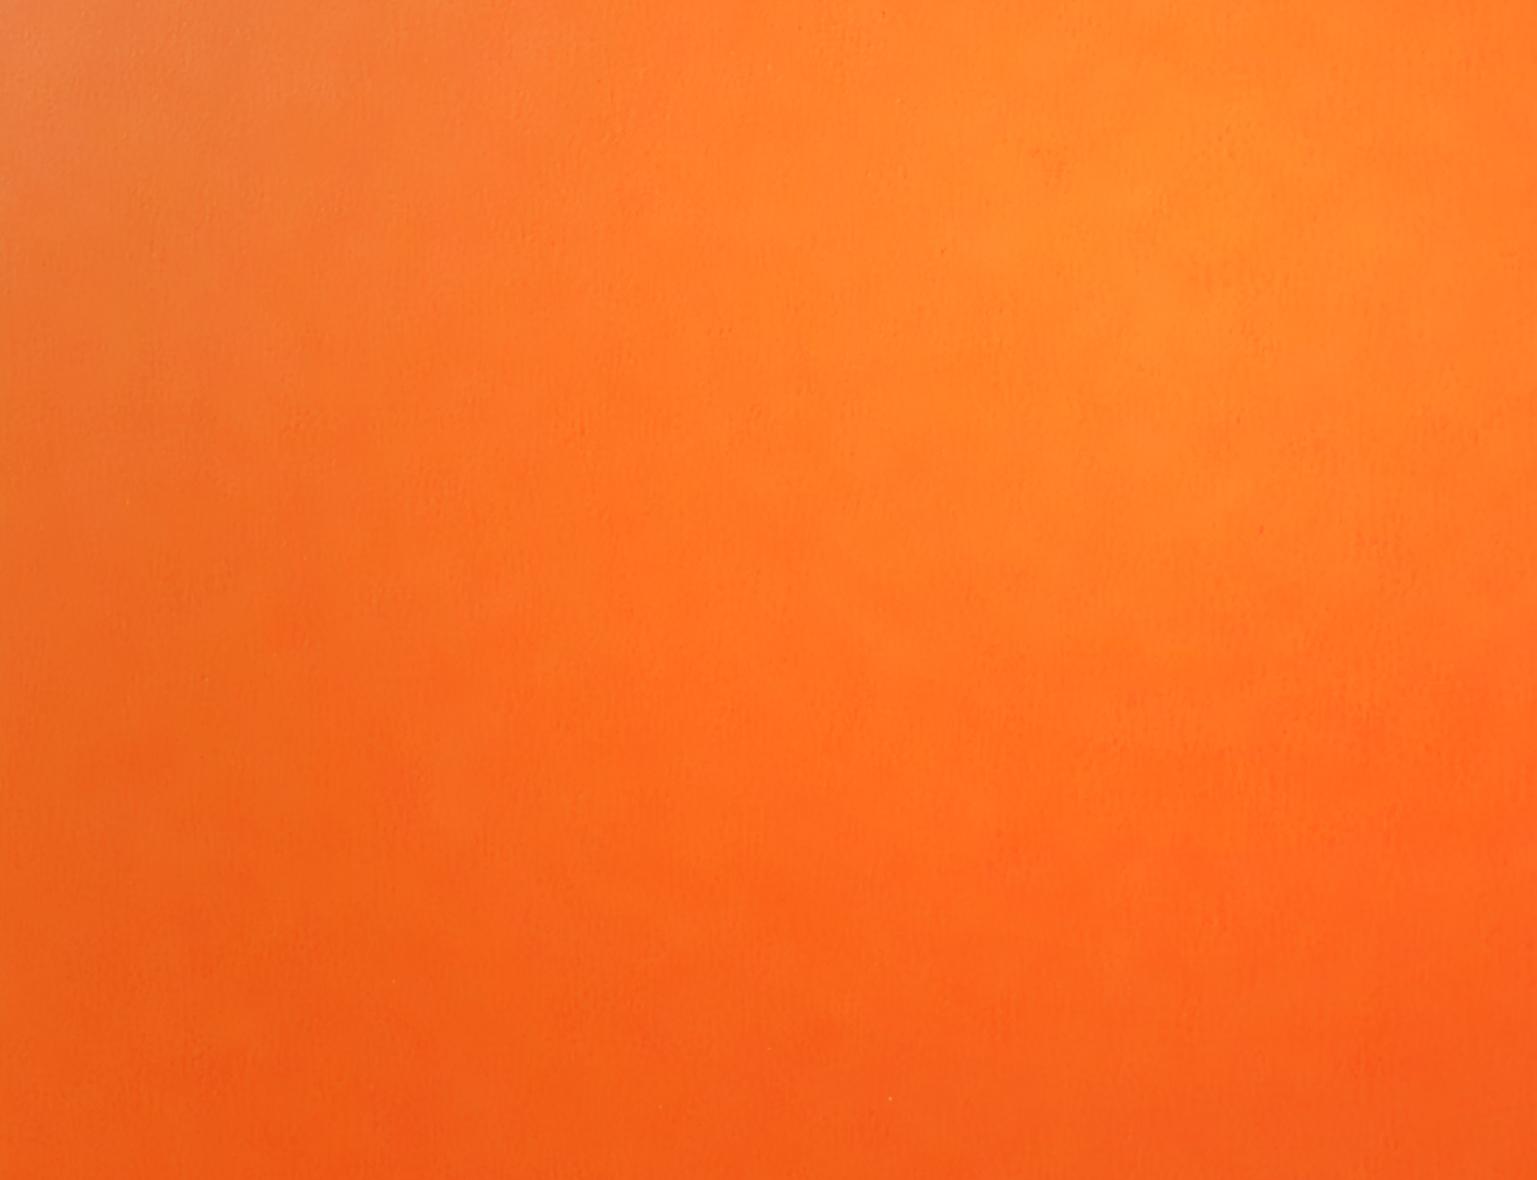 Naranja Intenso